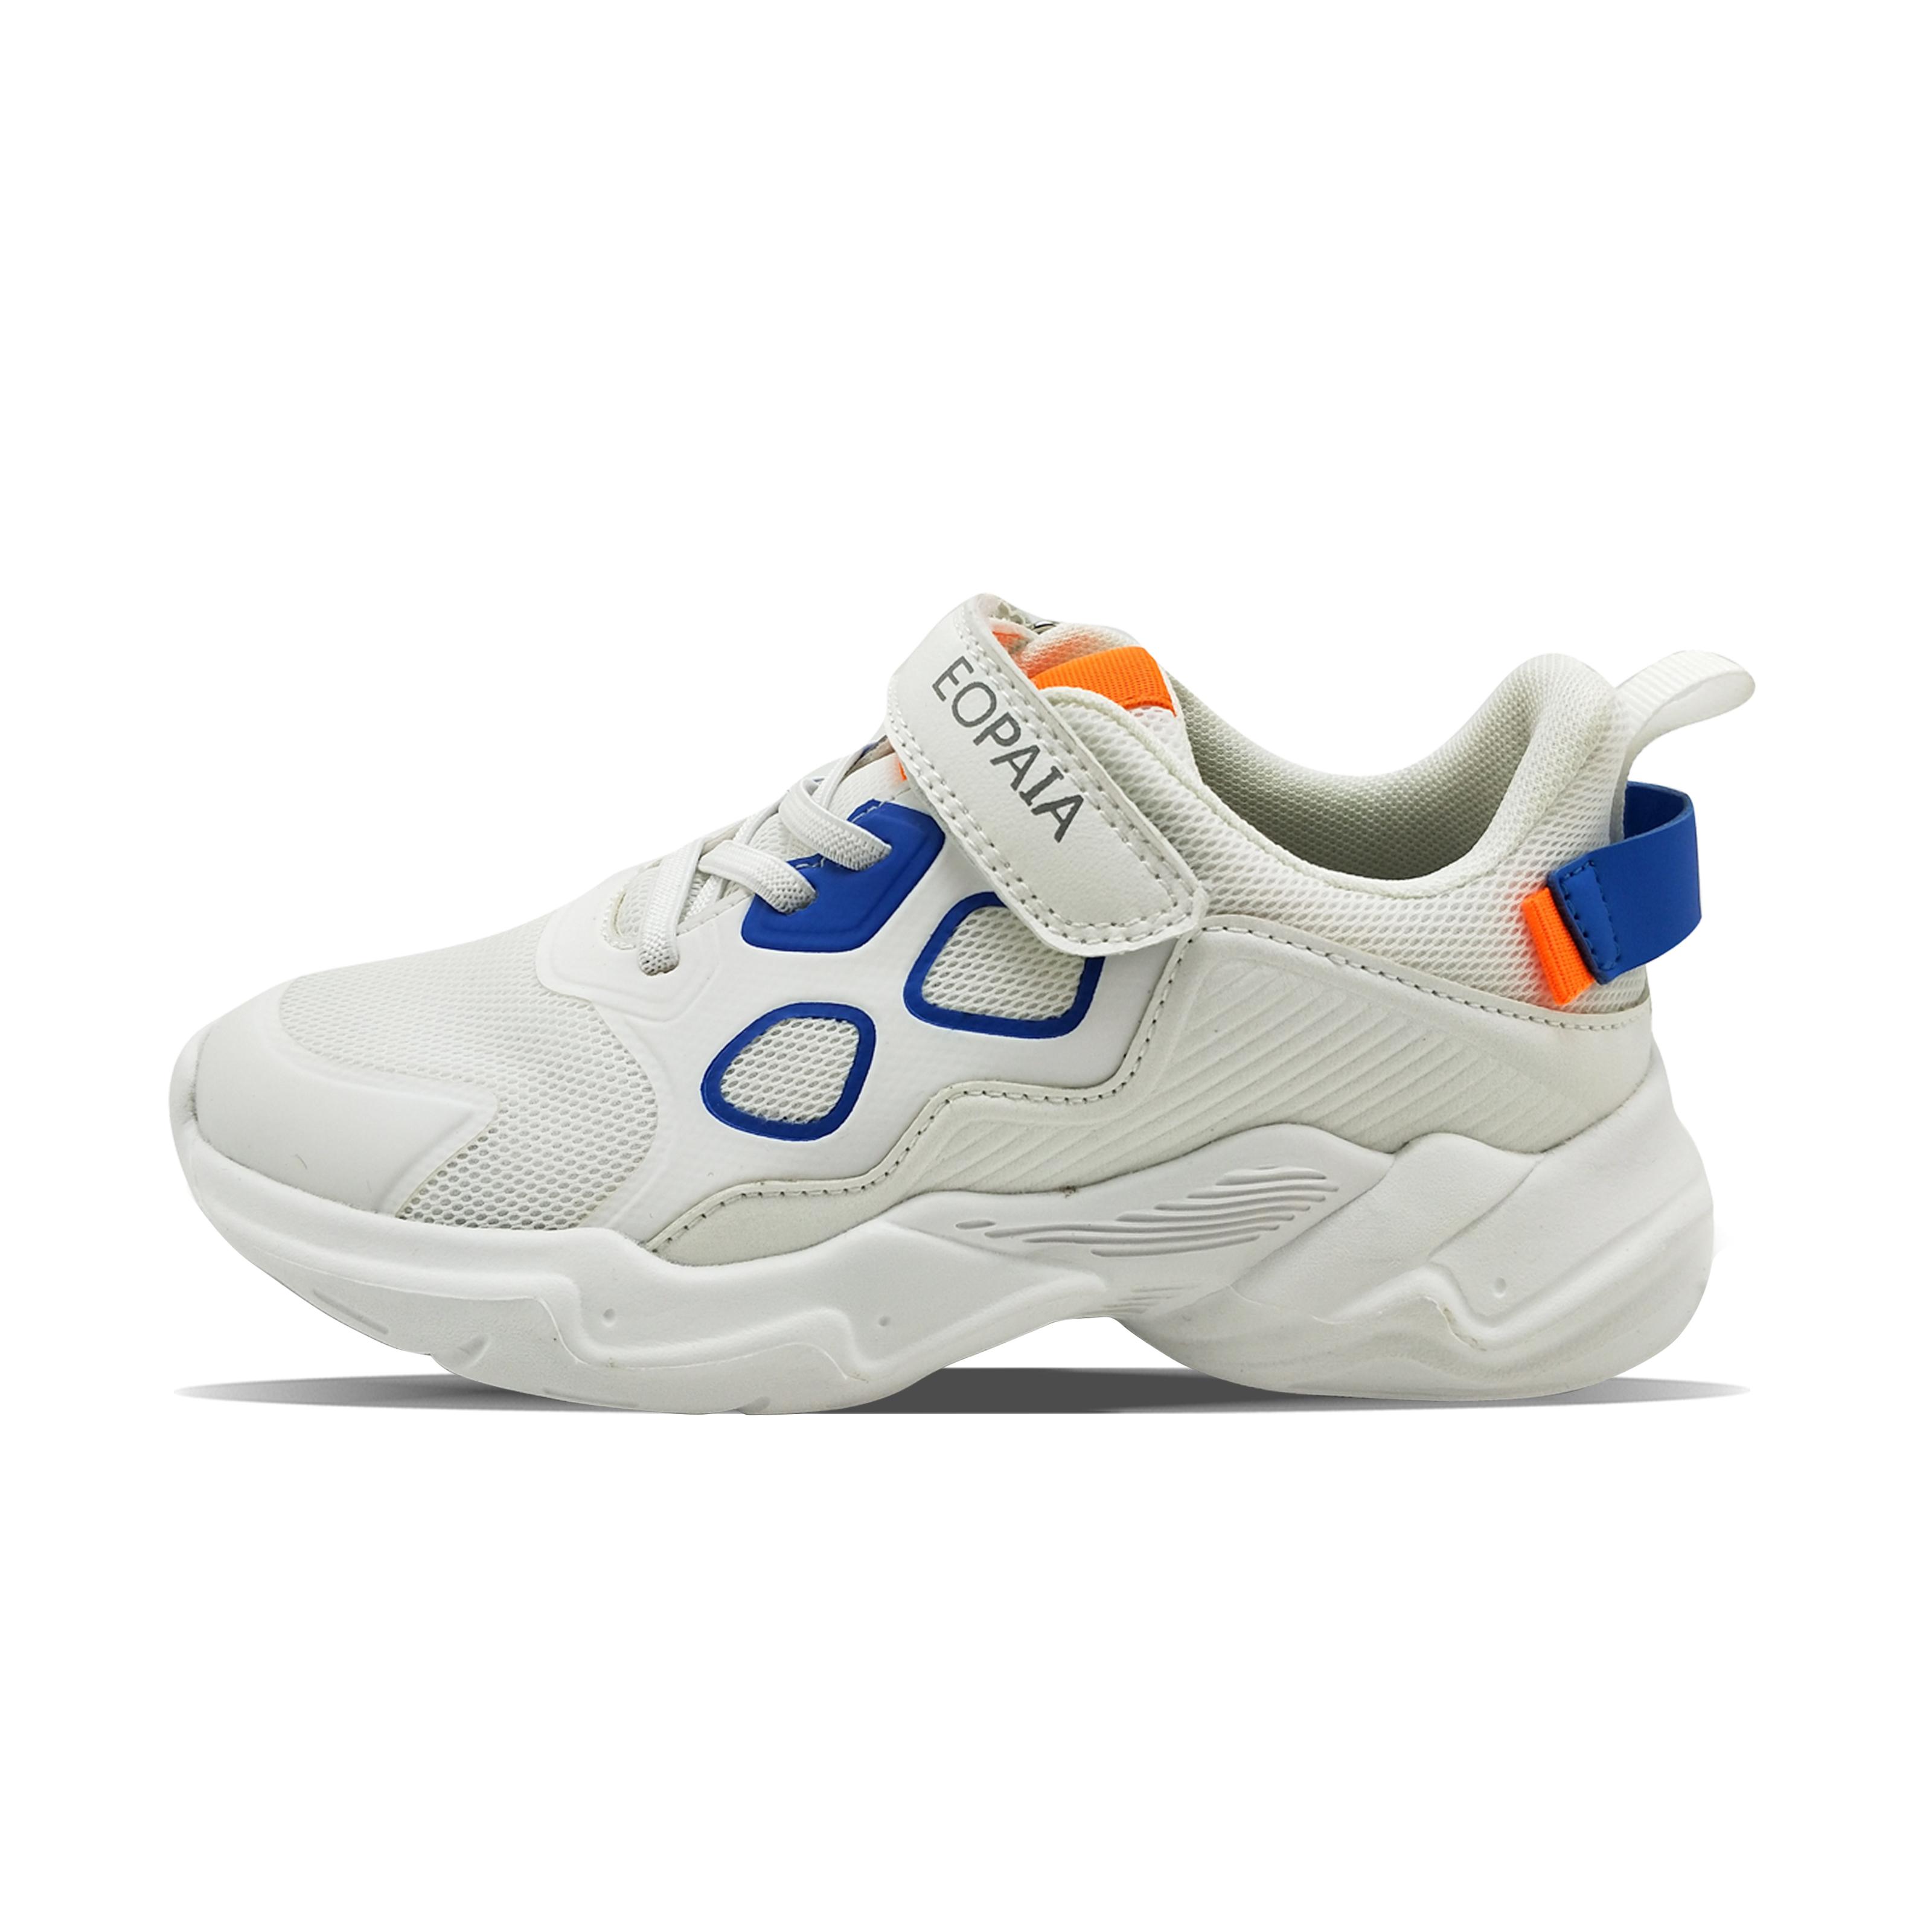 классический белый Волшебный Пояс дизайн спортивной обуви мальчик